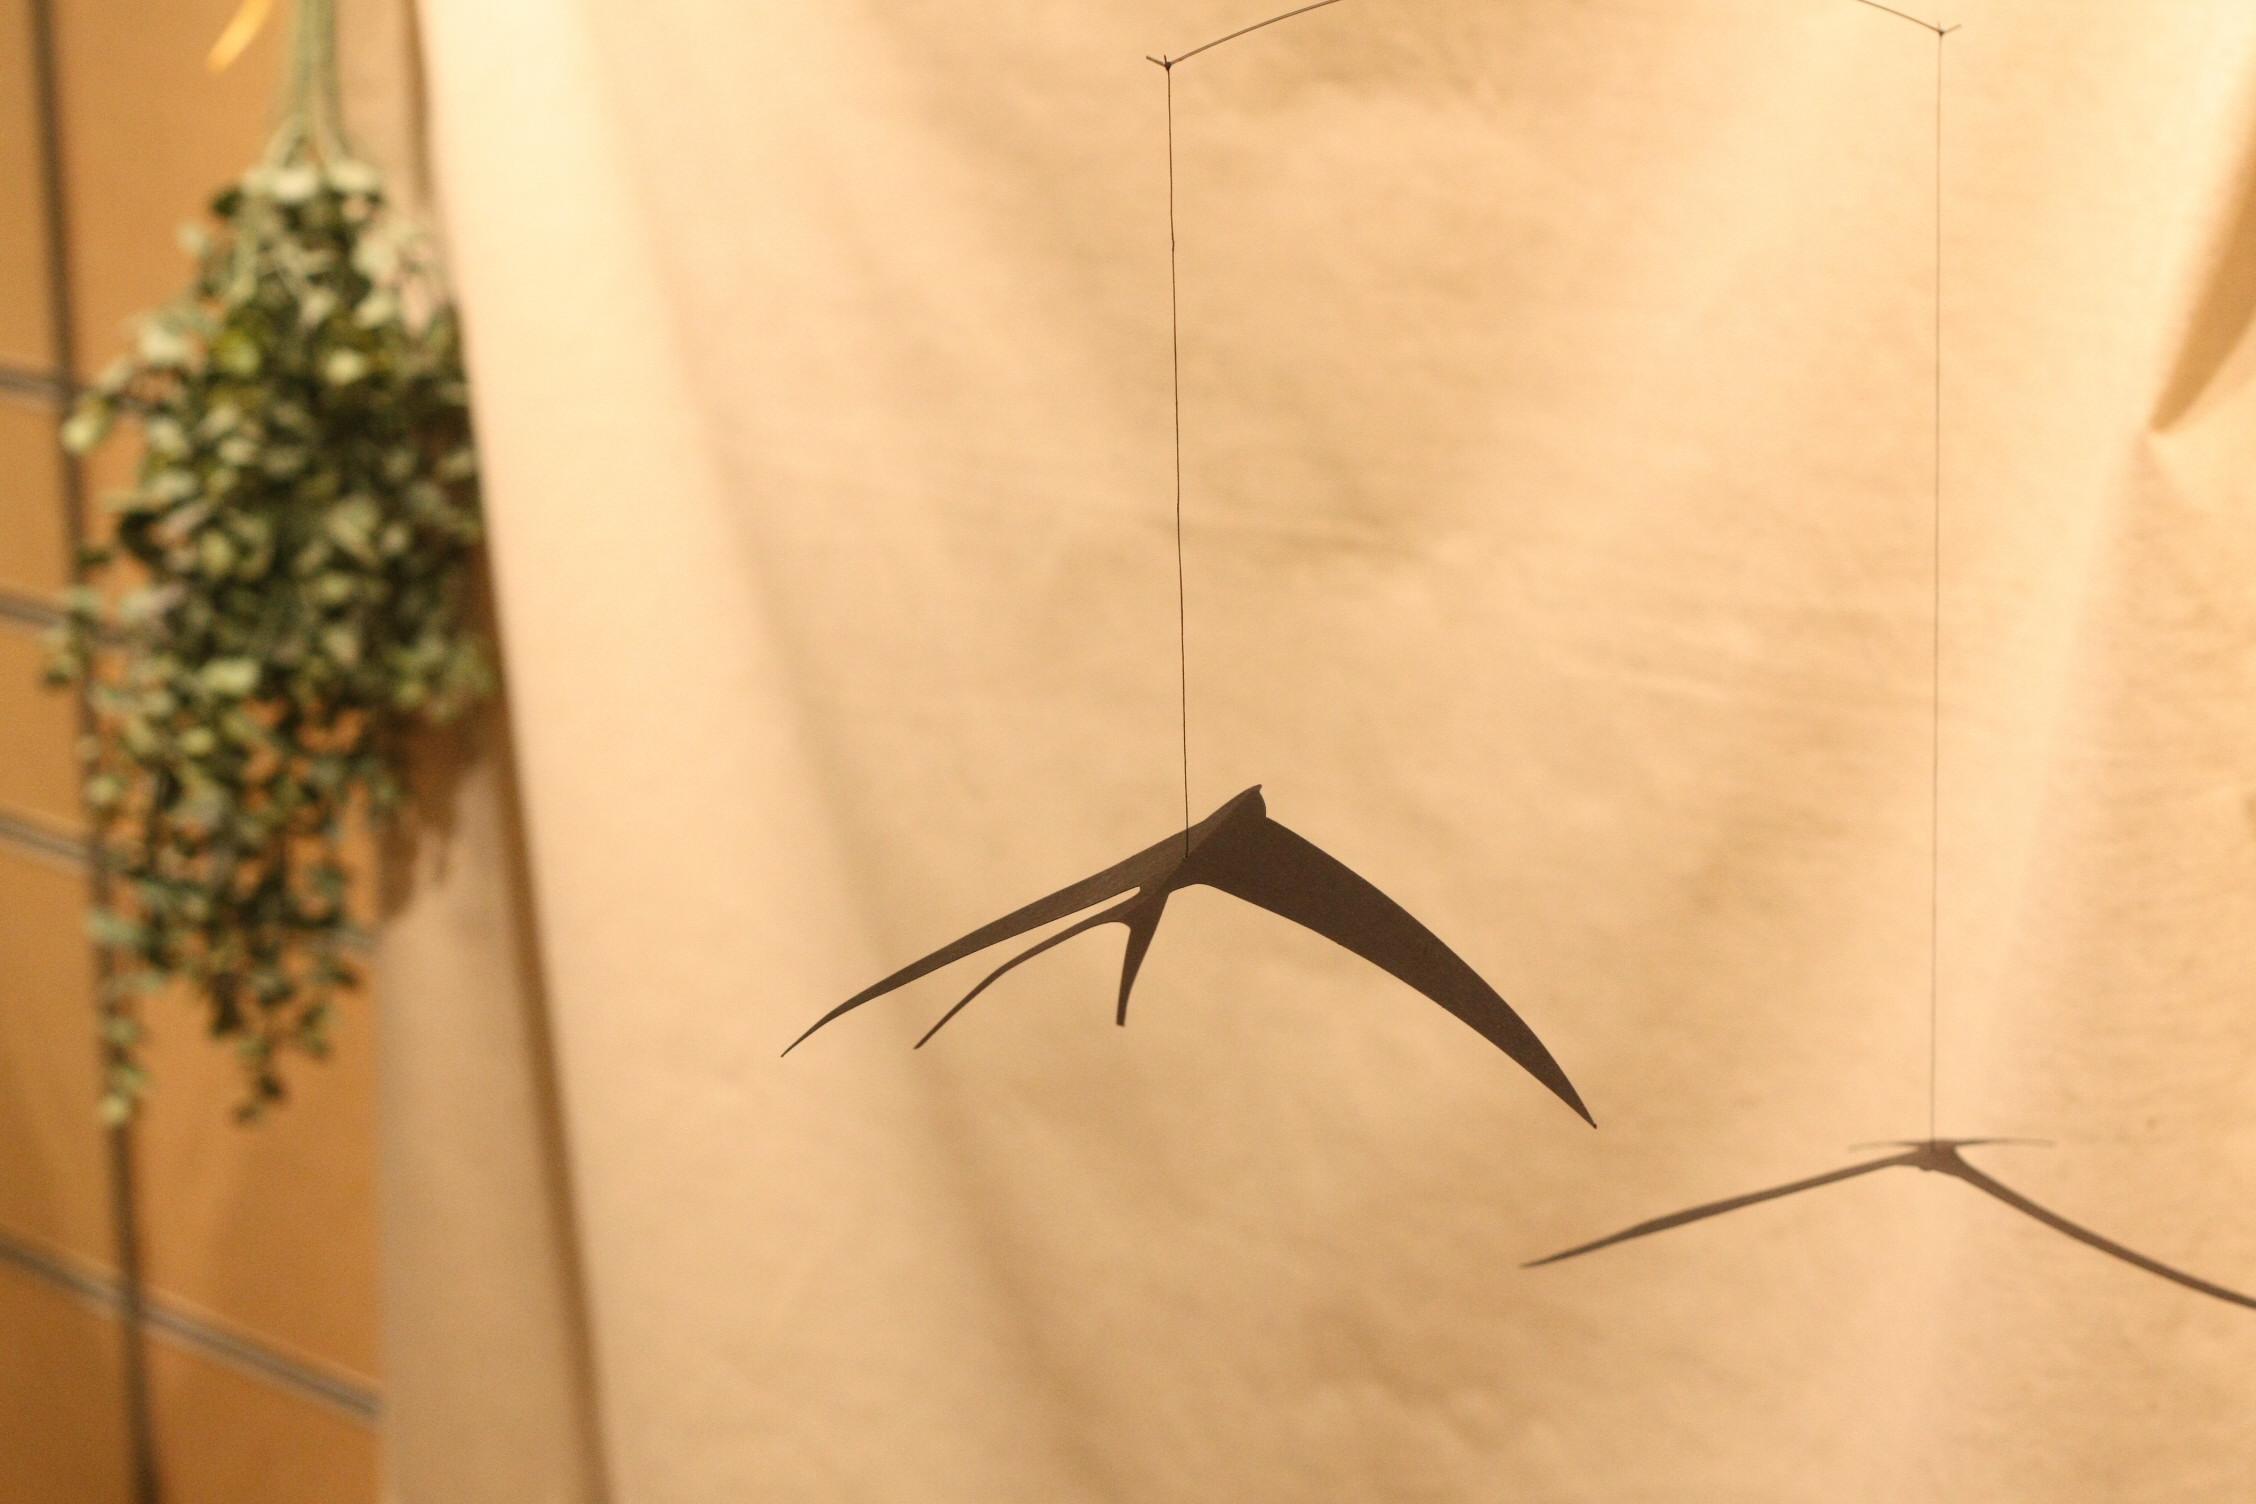 伊勢丹浦和店での展示販売中のずっとランドセルのフォトブースのイメージ つばめ